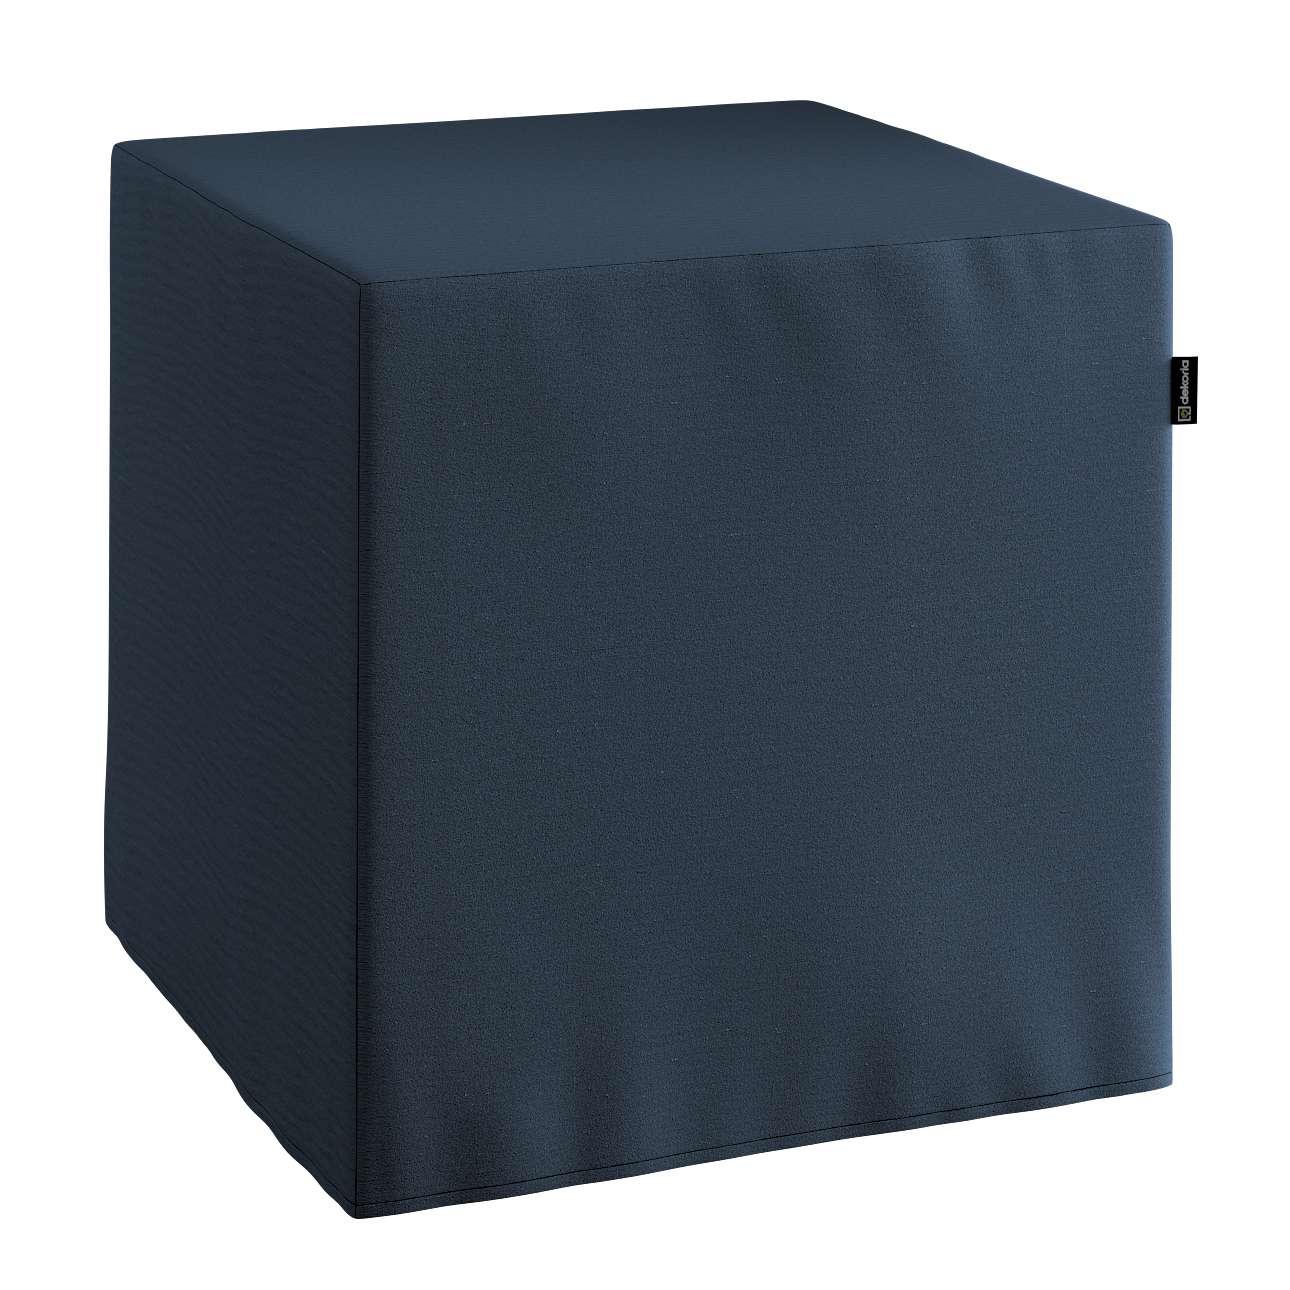 Pokrowiec na pufę kostke kostka 40x40x40 cm w kolekcji Quadro, tkanina: 136-04